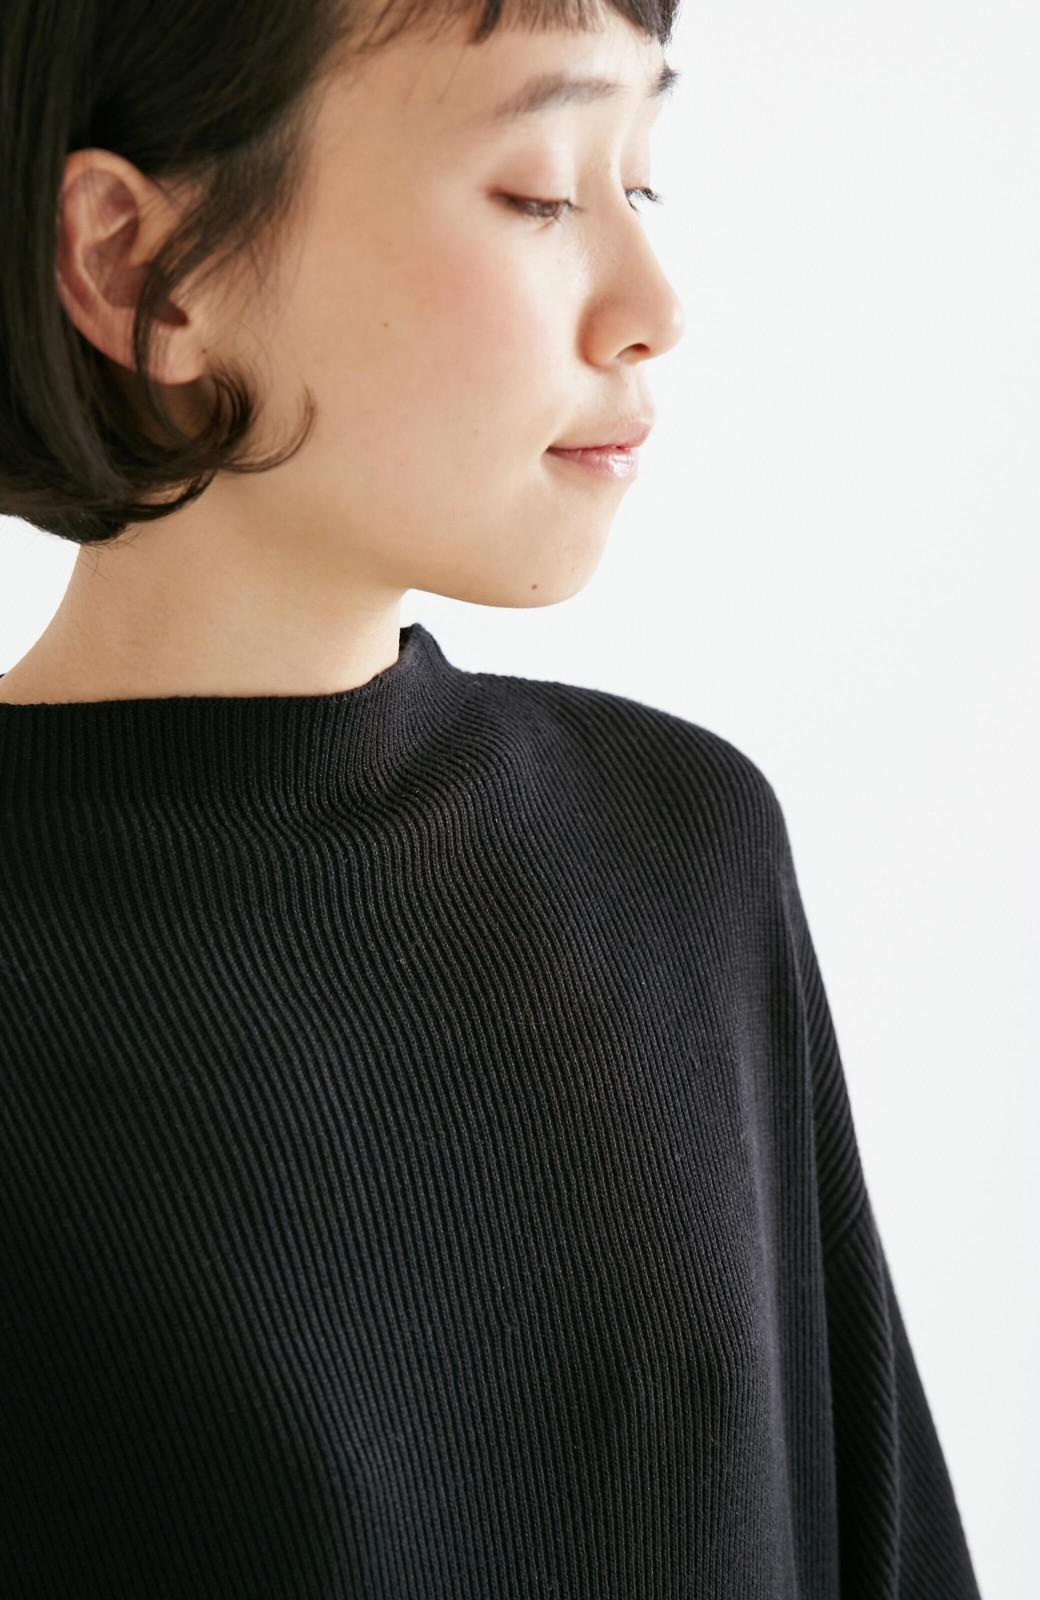 エムトロワ 吸湿発熱素材の袖ぷっくりリブニットワンピース <ブラック>の商品写真9